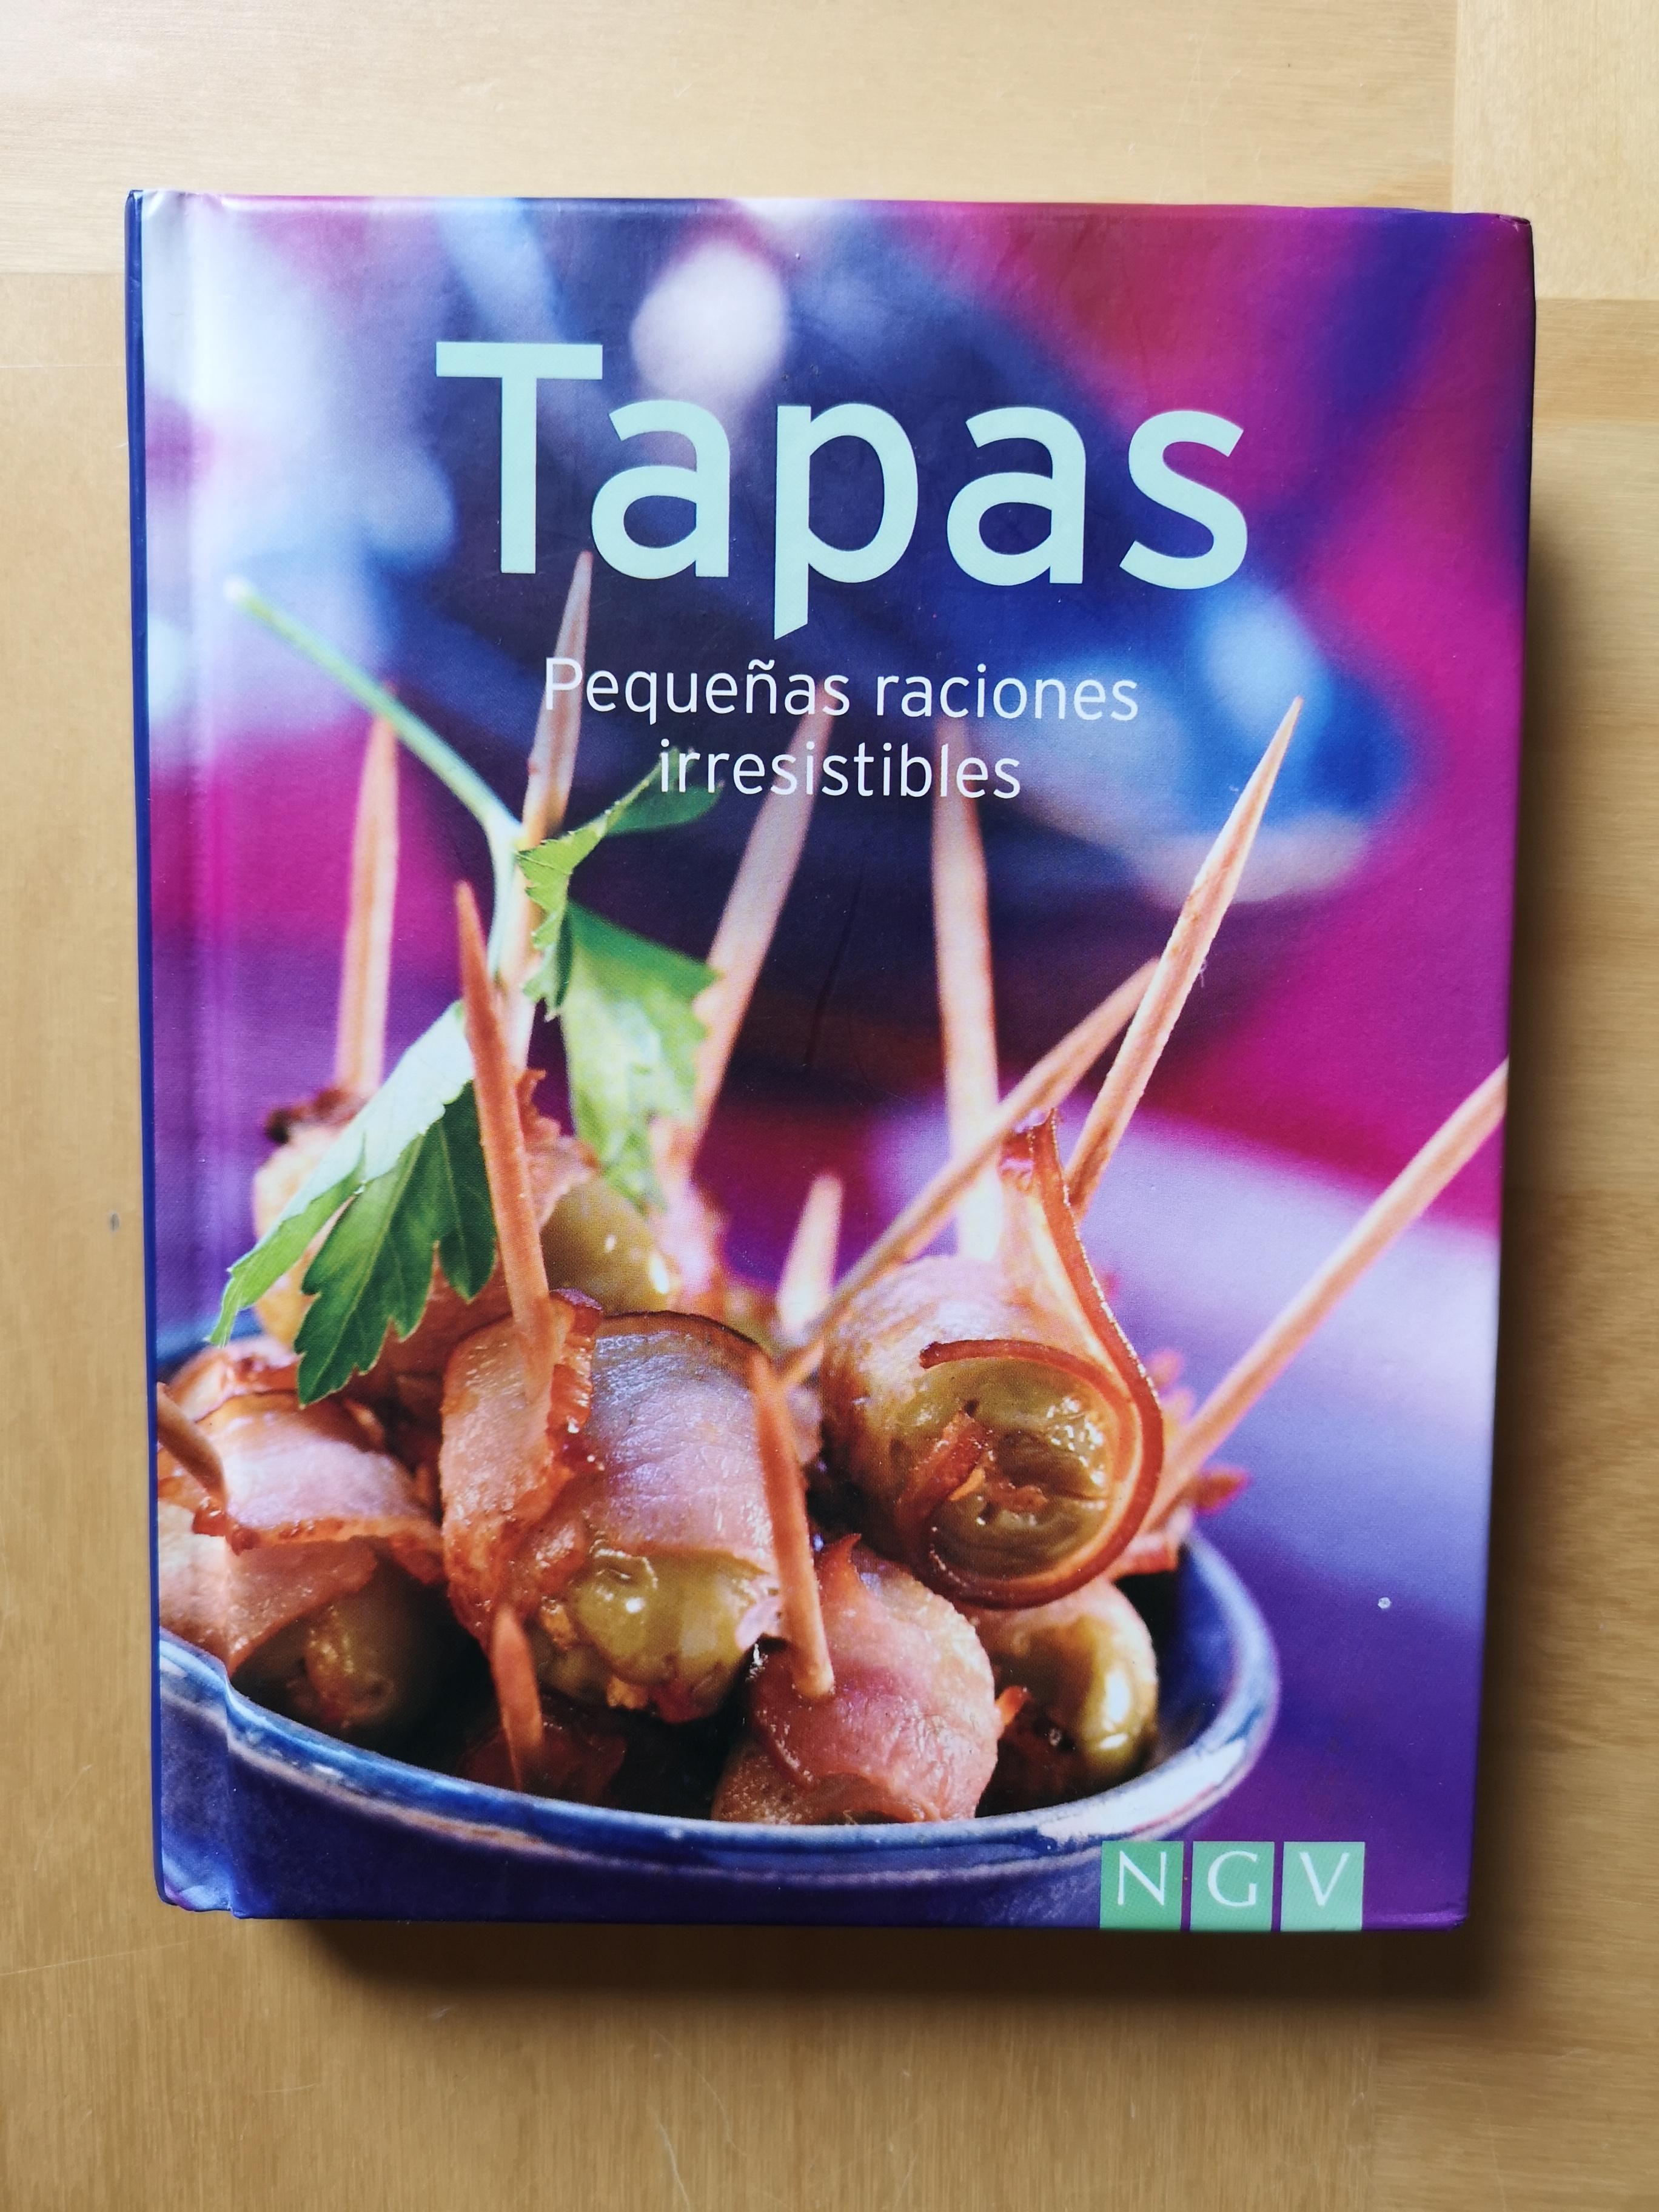 troc de troc livre sur les tapas ( en langue espagnole) image 0